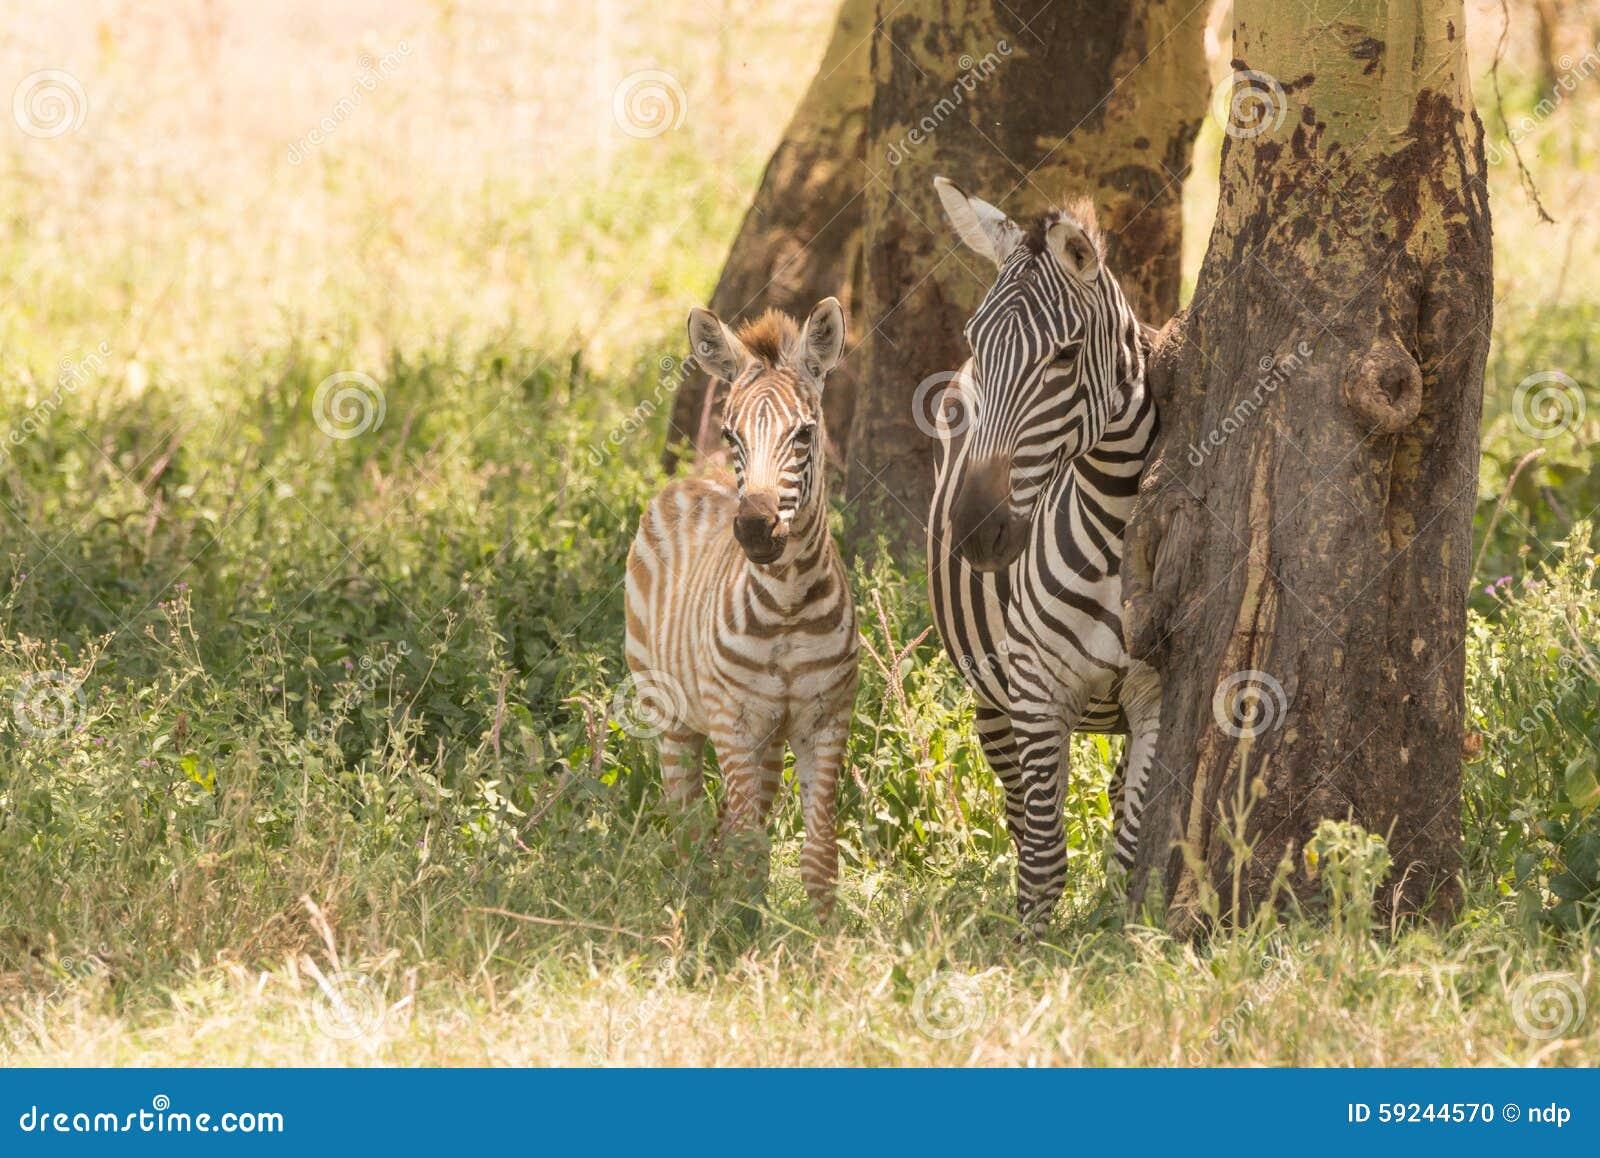 Download Cebra De La Madre Y Del Bebé De Lado A Lado En Sombra Foto de archivo - Imagen de áfrica, rayas: 59244570